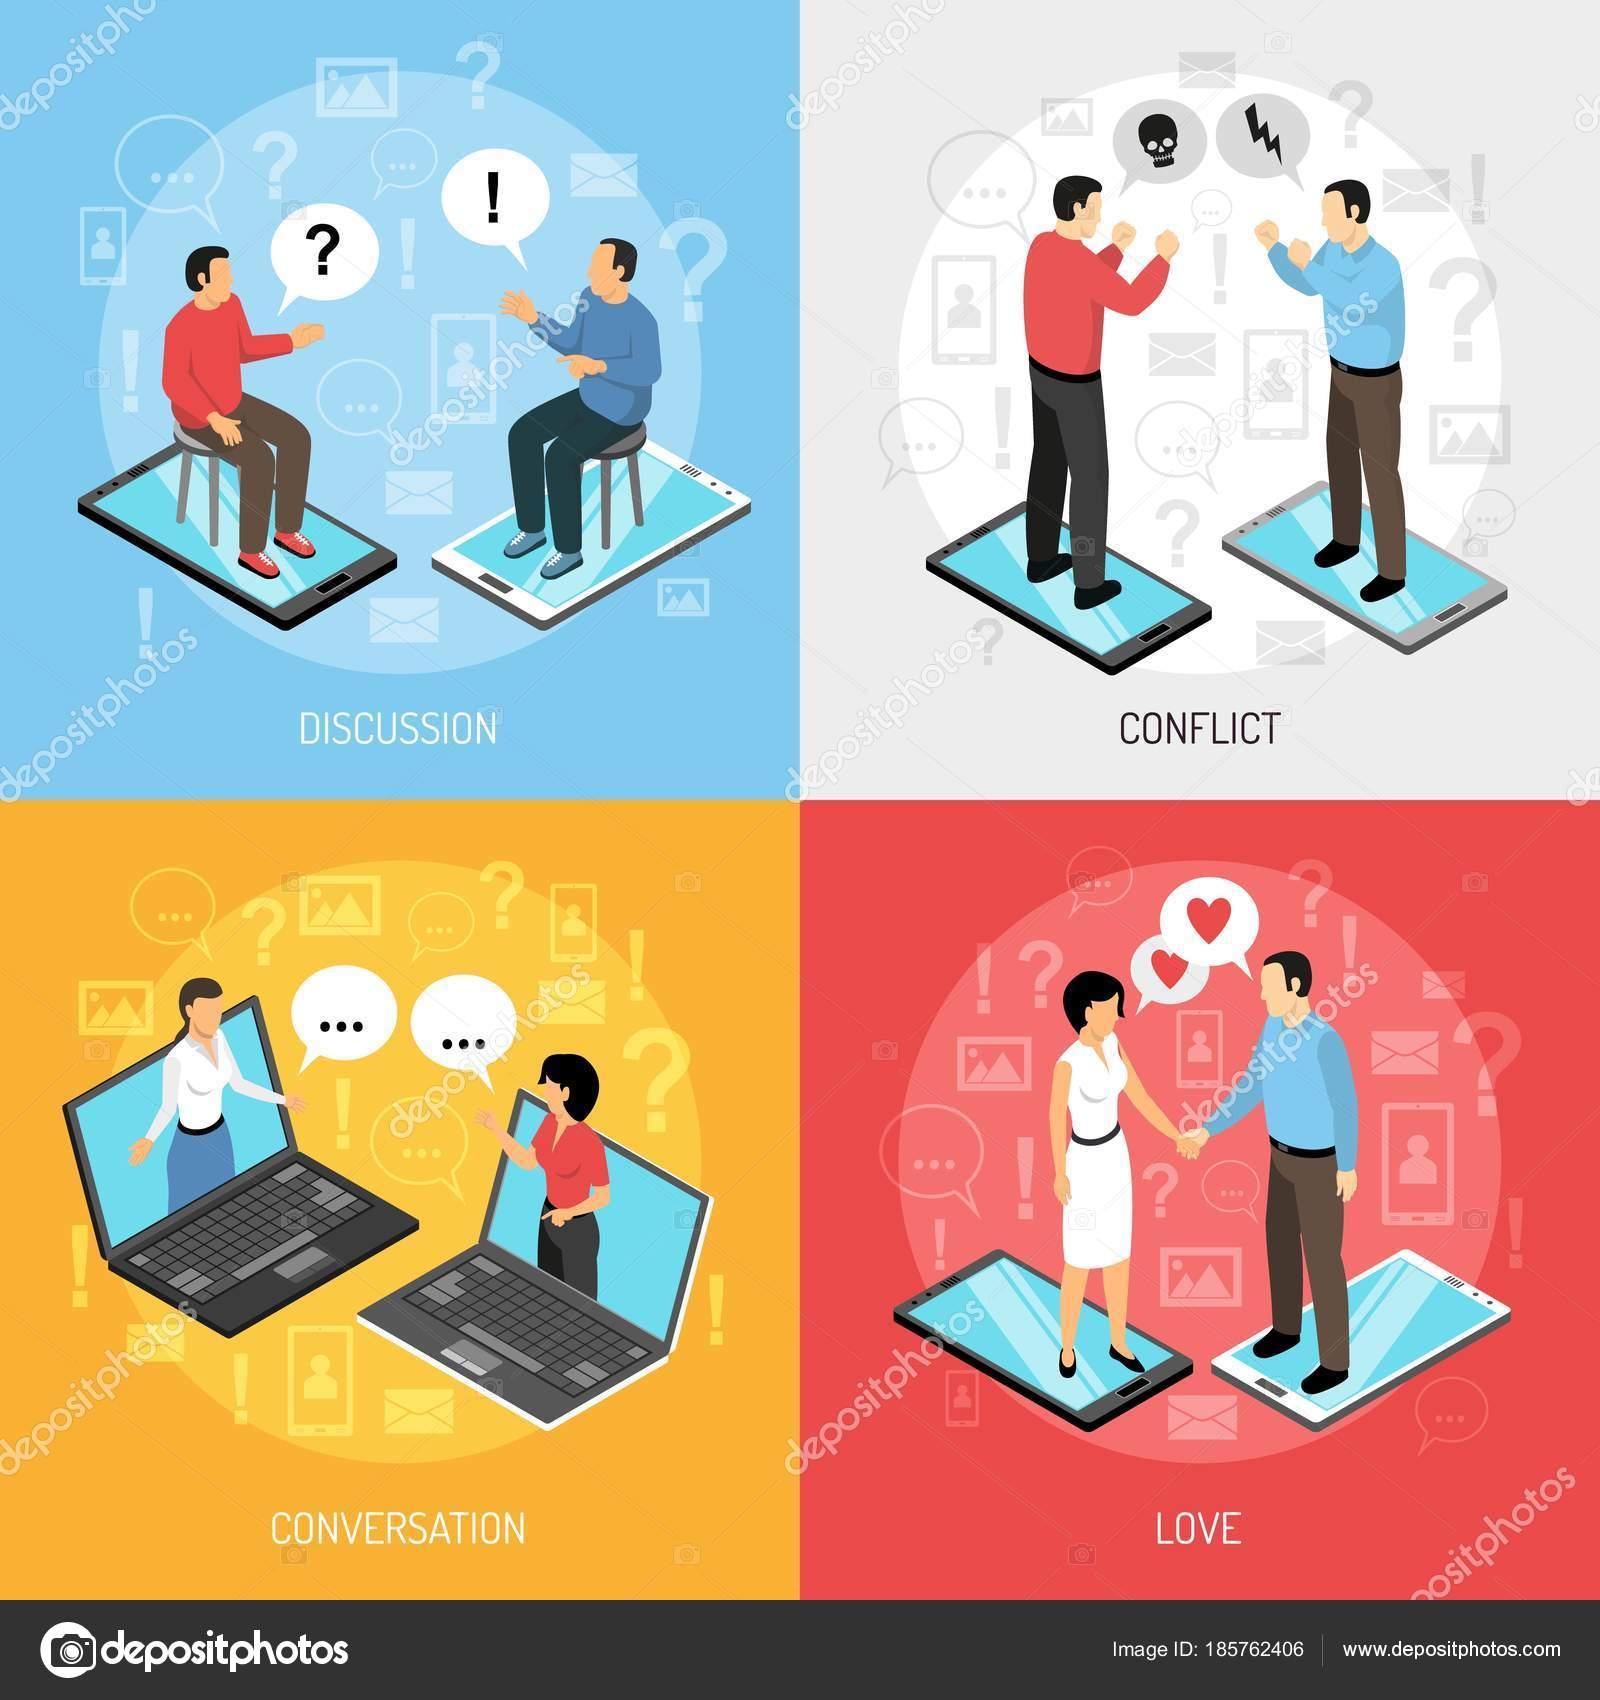 társkereső chat szoba online lolo jones társkereső profil